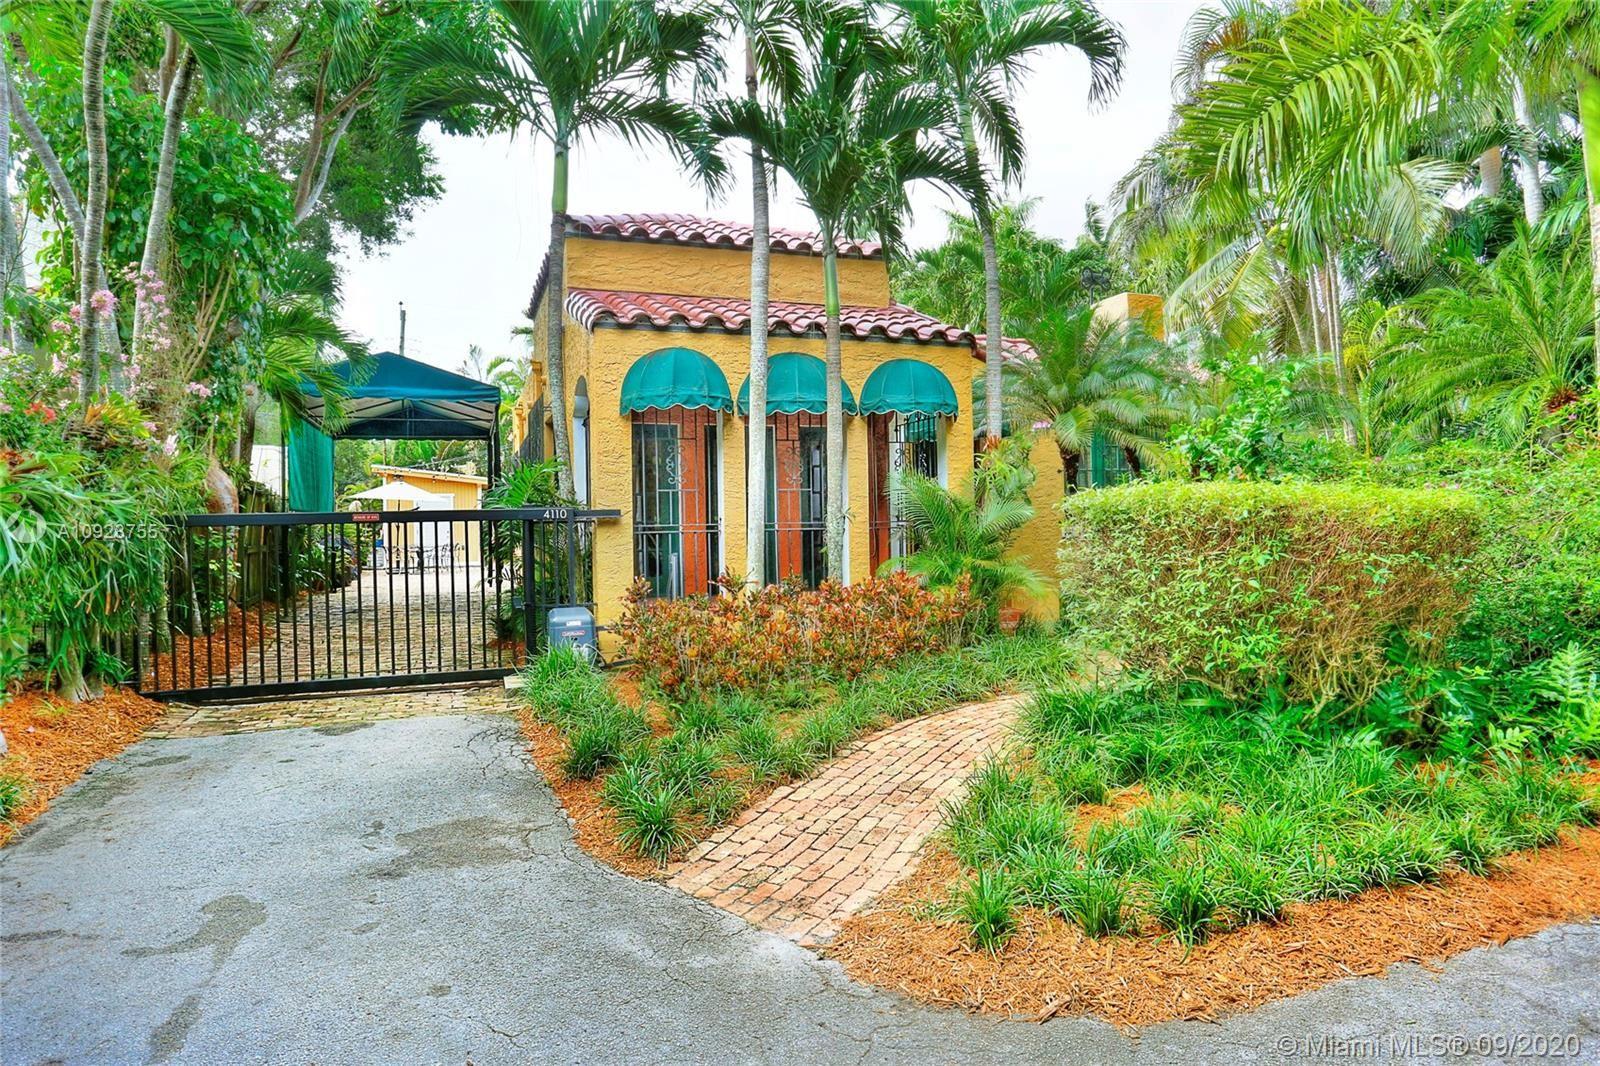 4110 Ventura Ave, Coconut Grove, FL 33133 - #: A10928755